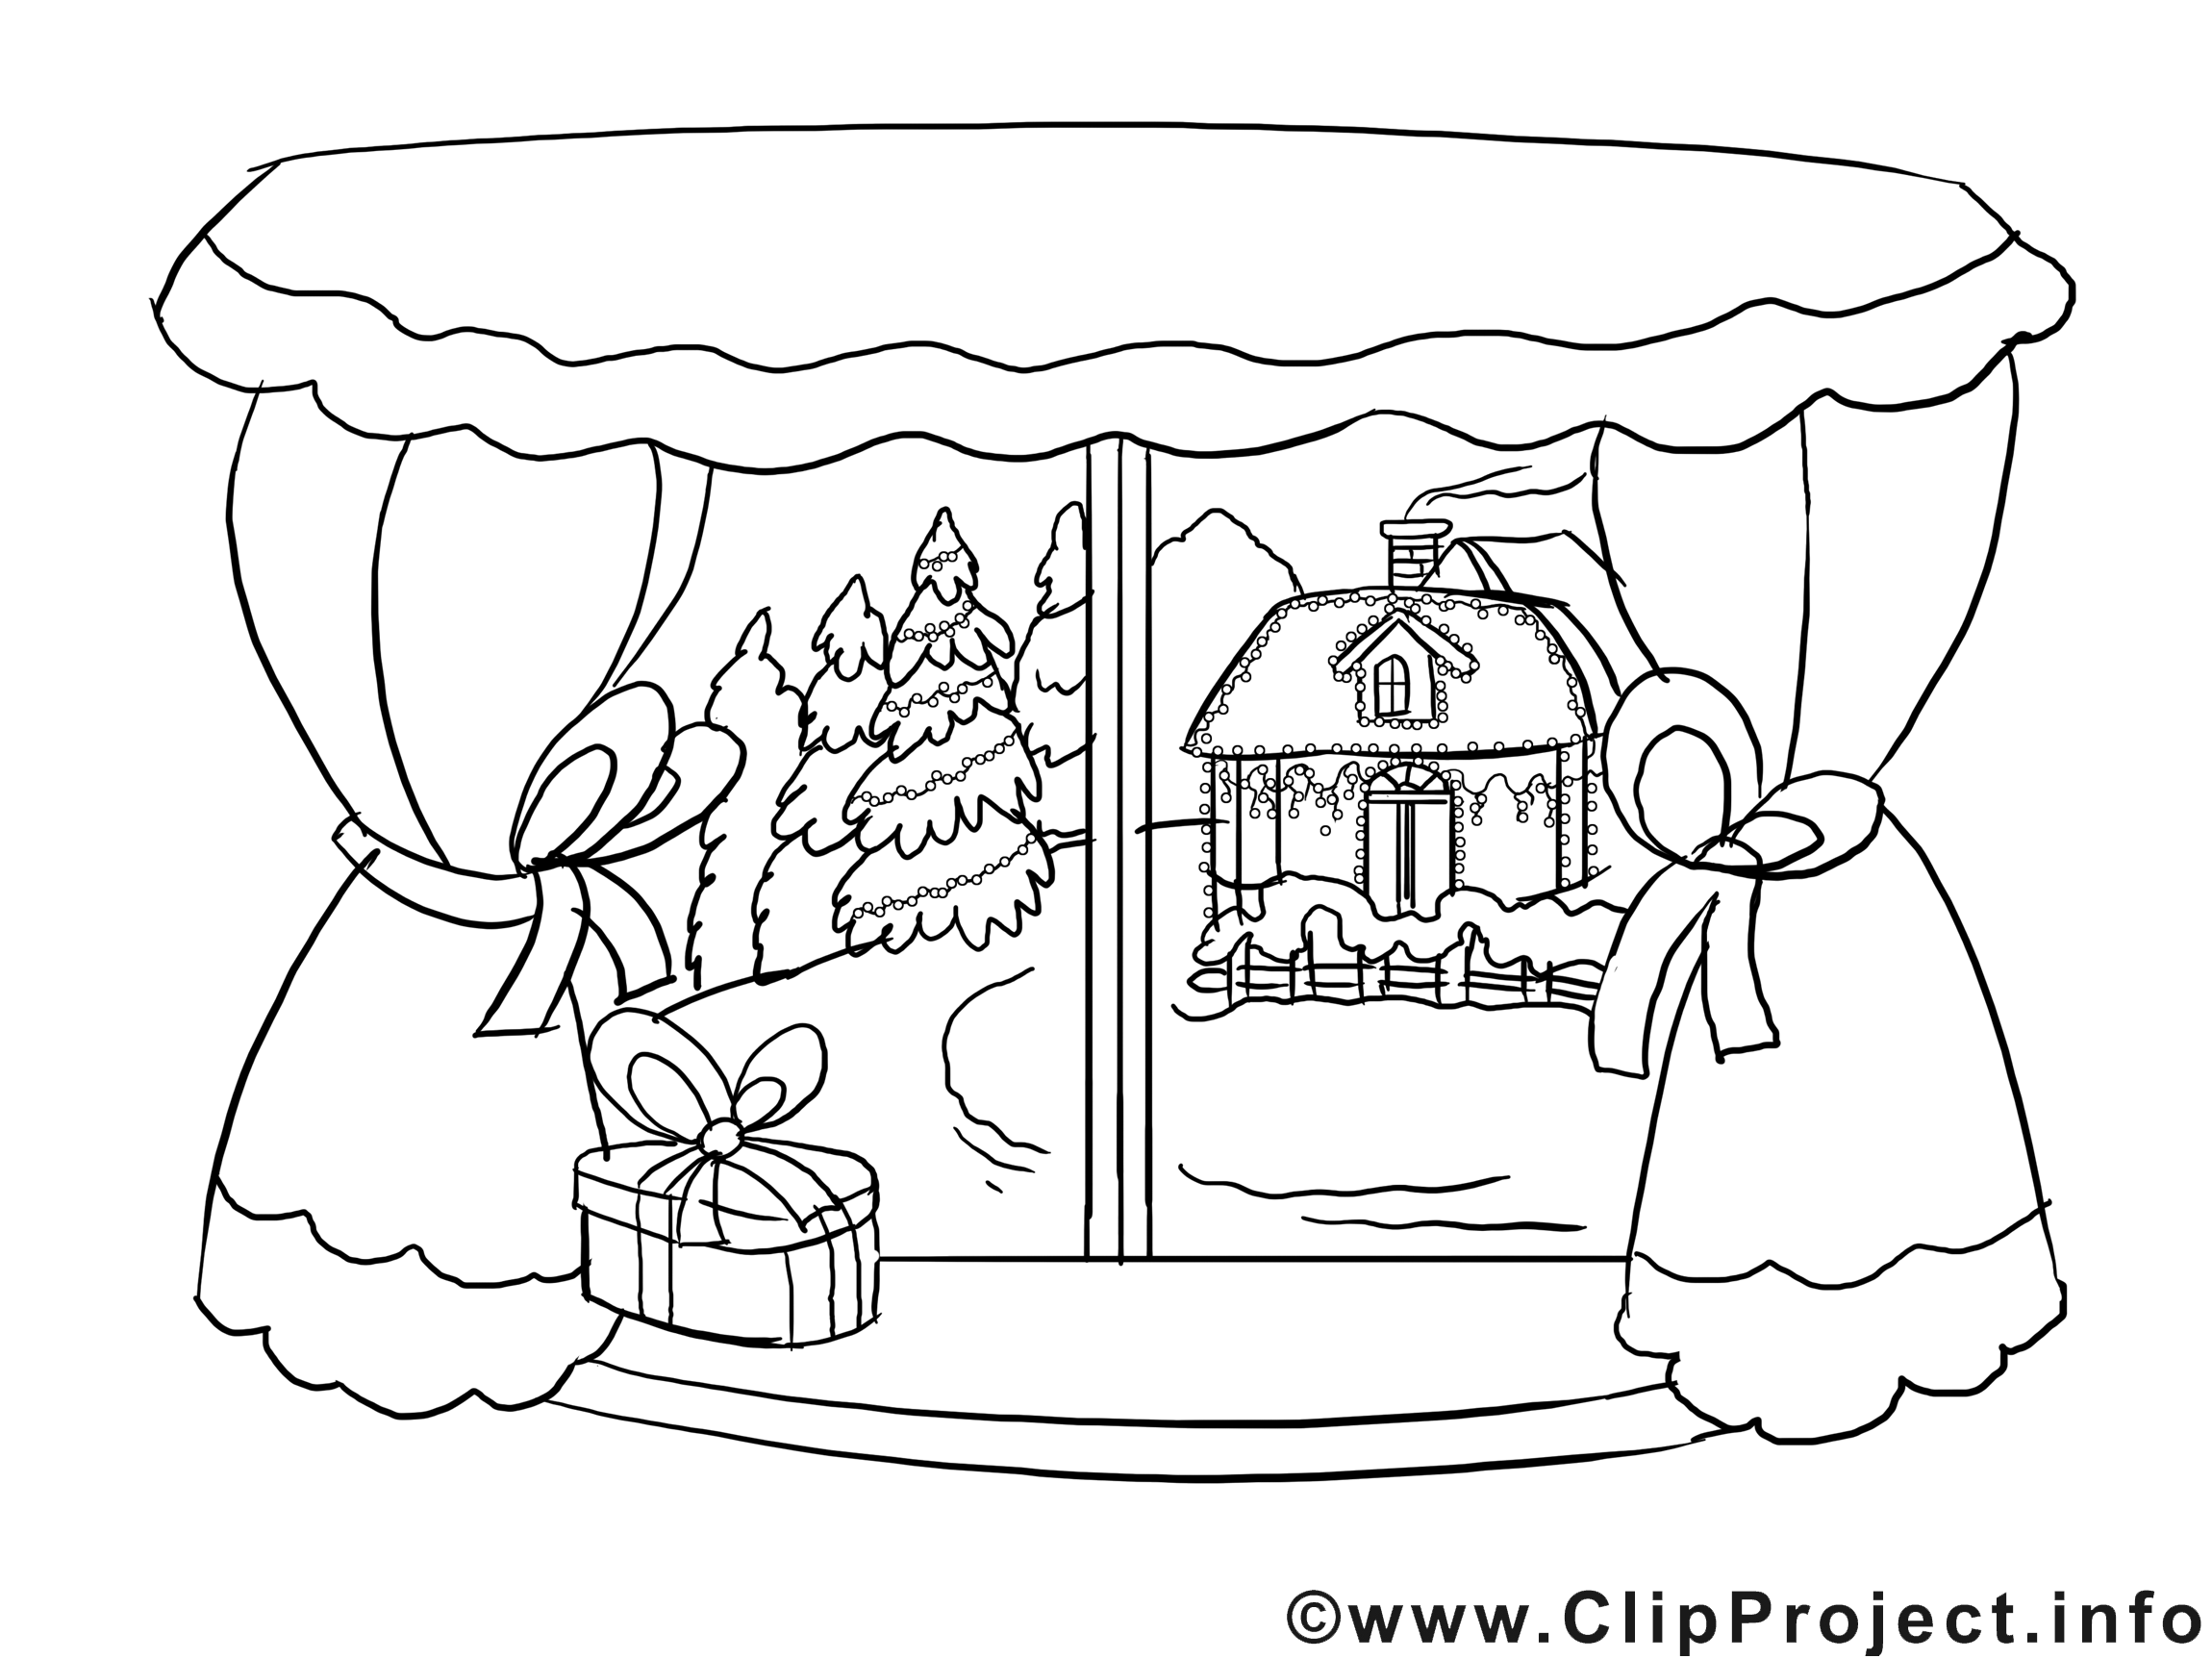 Bild zum Ausmalen - Winterlandschaft im Fenster Prints